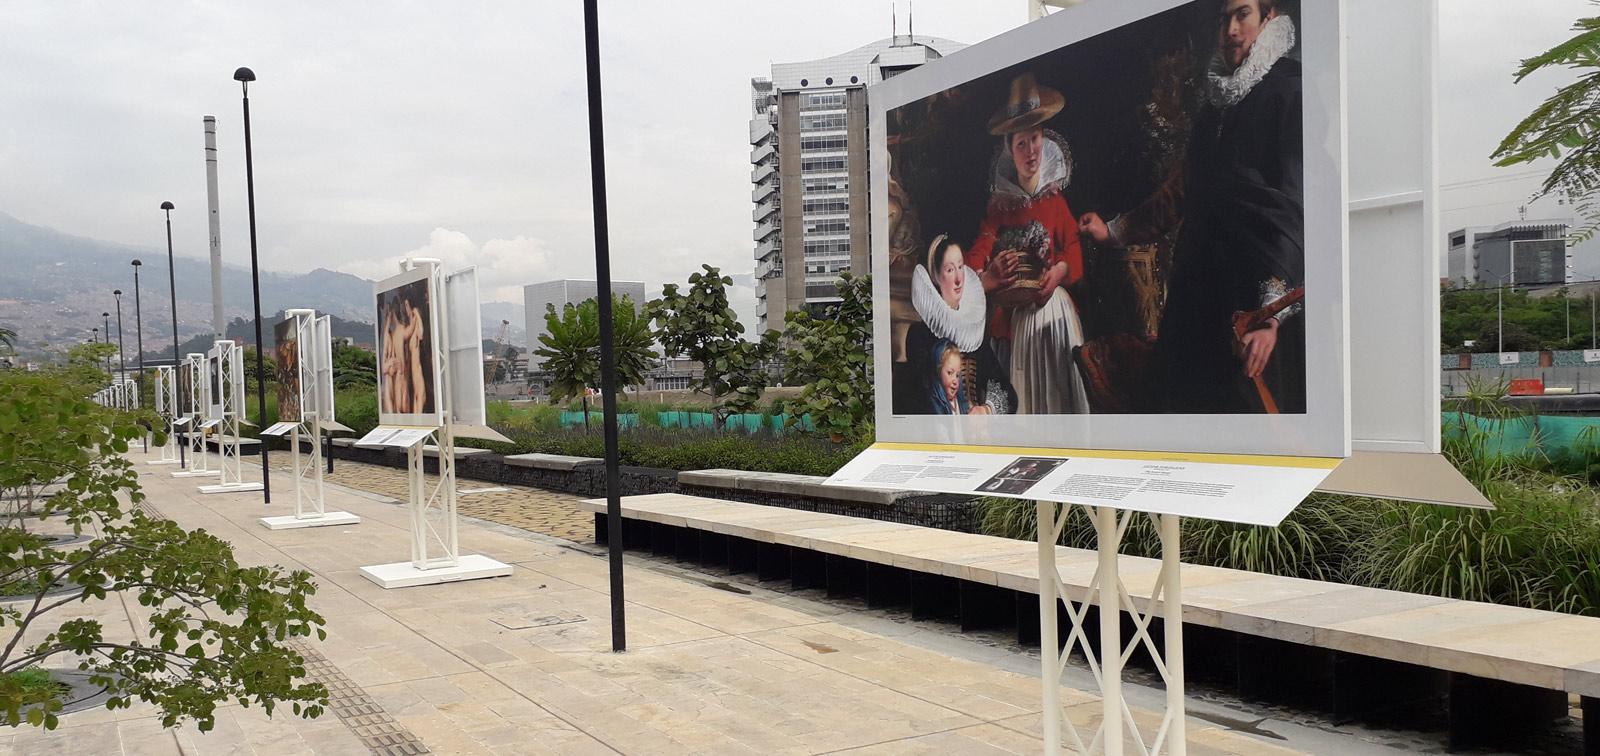 Exposición didáctica: El Prado en Medellín